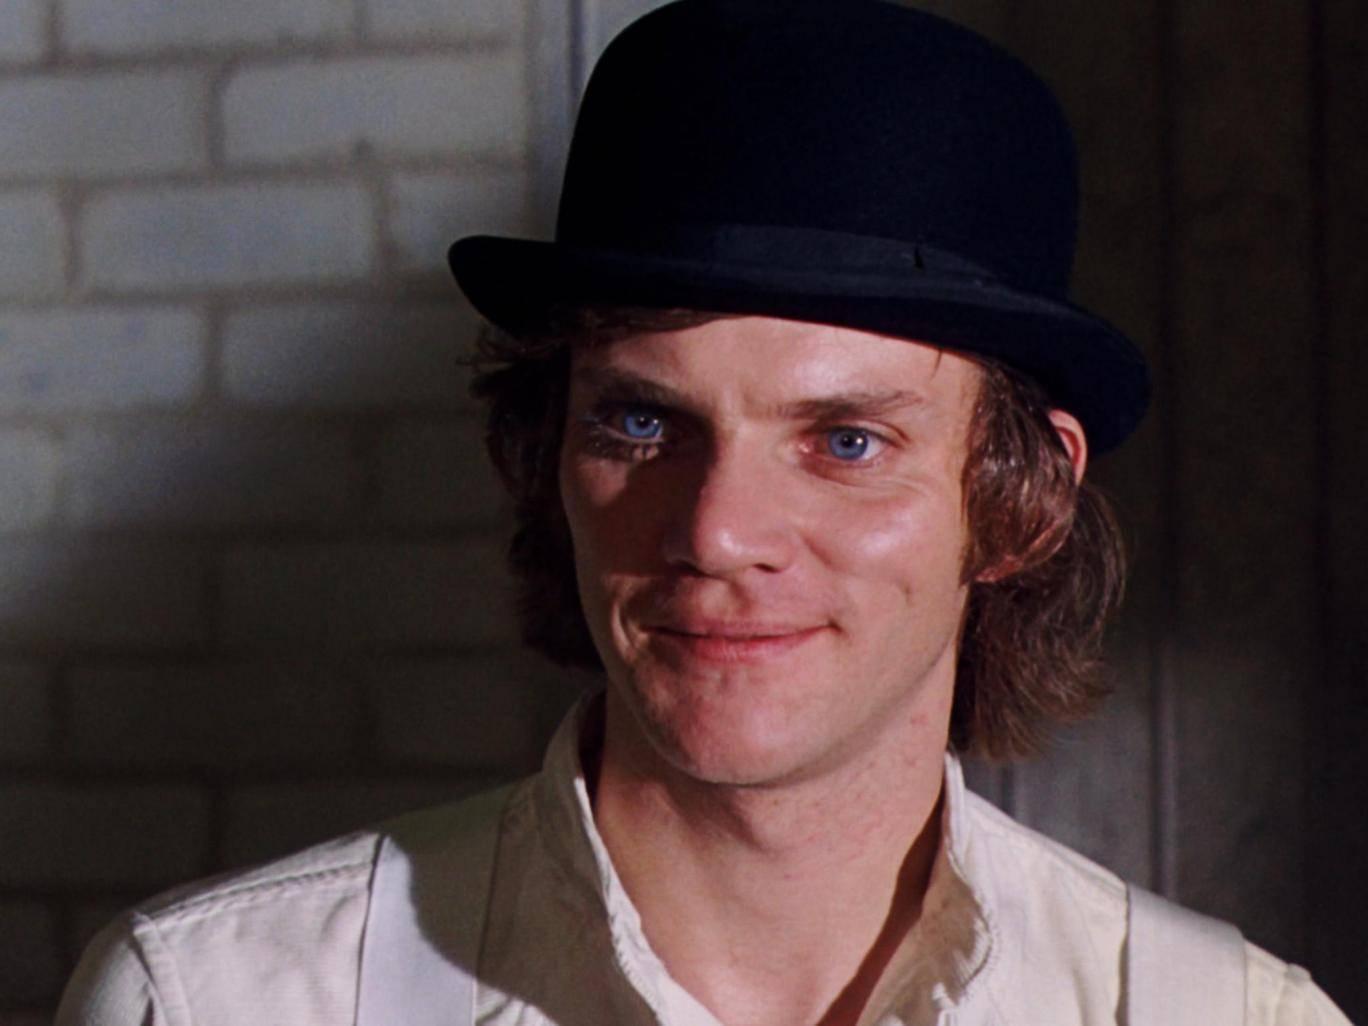 Il protagonista di Arancia meccanica (A Clockwork Orange), film del 1971 diretto da Stanley Kubrick. Tratto dall'omonimo romanzo distopico scritto da Anthony Burgess nel 1962, prefigura, appoggiandosi a uno stile fantascientifico, sociologico e politico, una società votata a un'esasperata violenza, soprattutto nei giovani [Fonte Wikipedia]